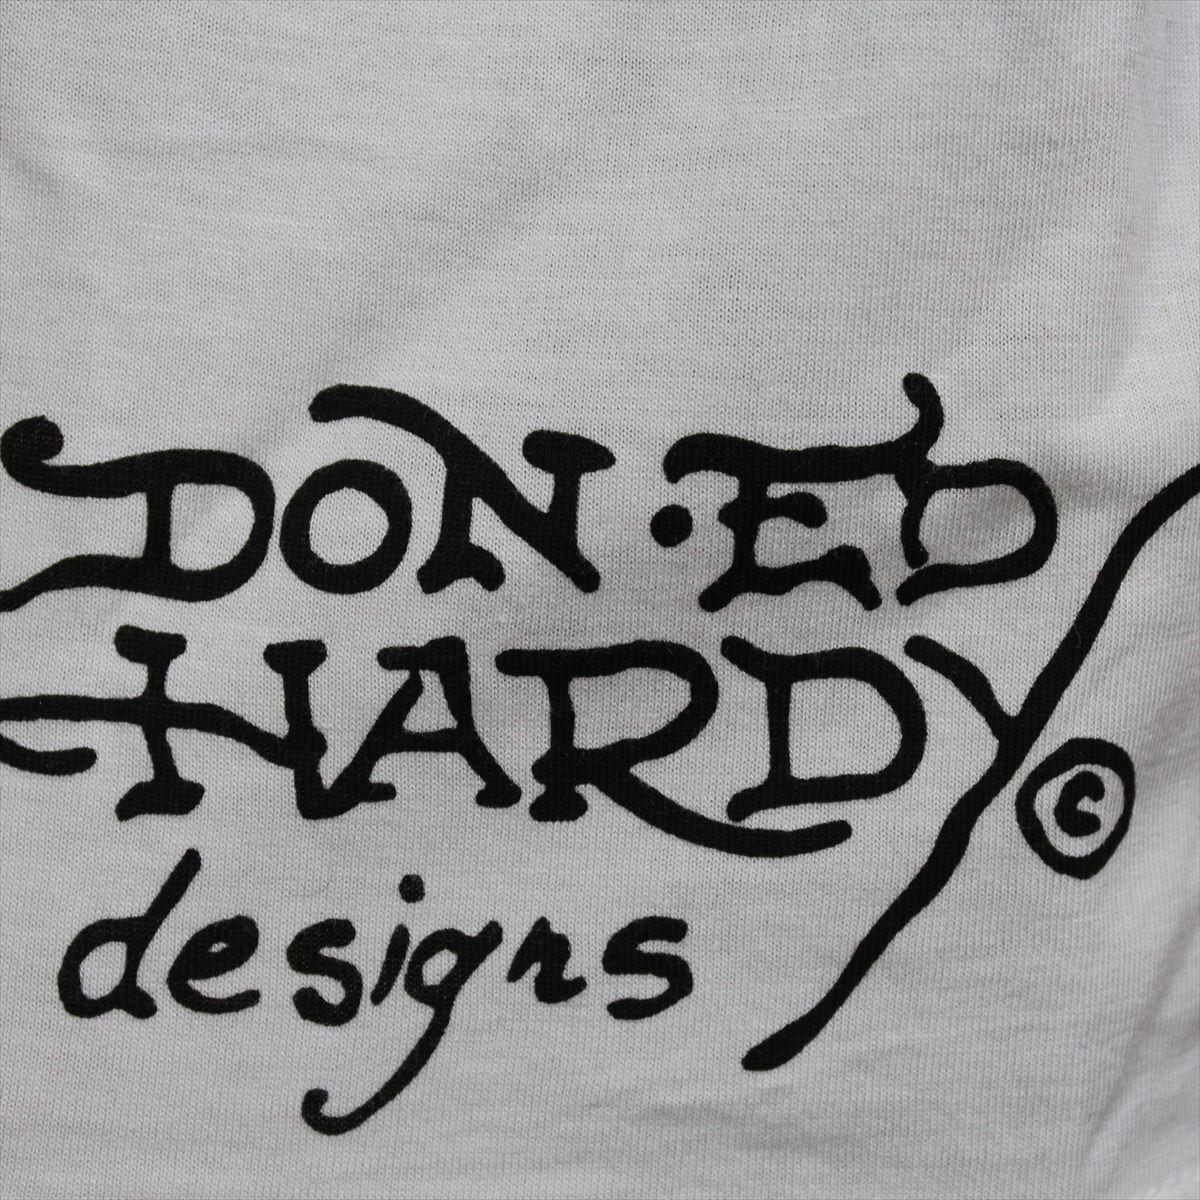 エドハーディー ED HARDY メンズ半袖Tシャツ ホワイト Lサイズ M02CMV552 新品 Vネック_画像4